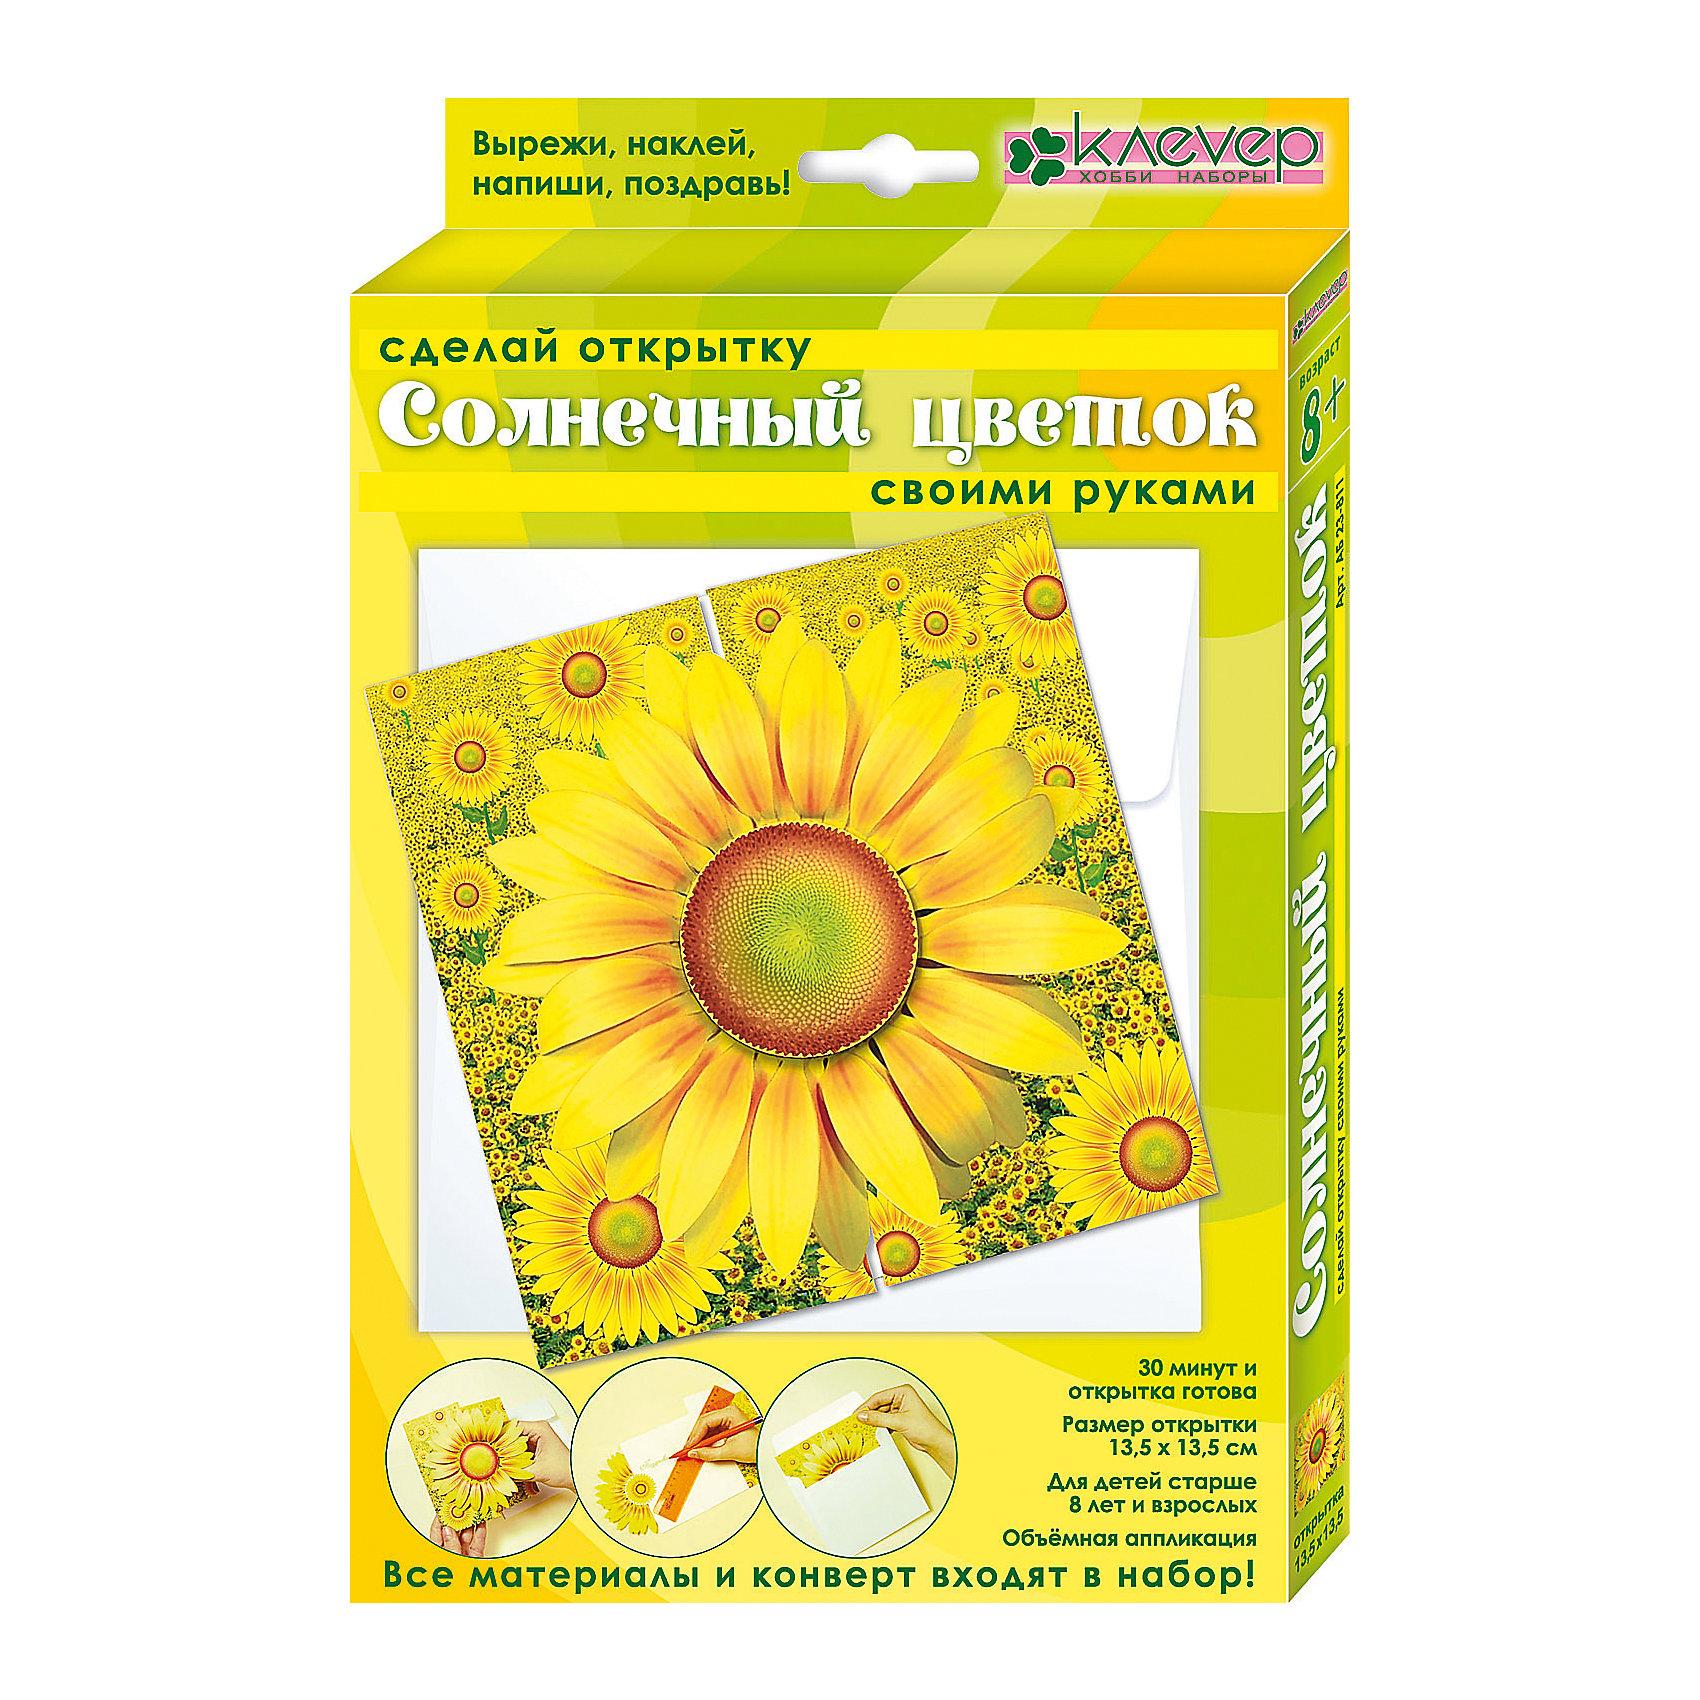 Набор для изготовления открытки Солнечный цветокРукоделие<br>Характеристики:<br><br>• Коллекция: объемная открытка<br>• Тематика: цветы<br>• Уровень сложности: средний<br>• Материал: бумага, скотч<br>• Комплектация: набор цветной бумаги, основа, скотч, инструкция<br>• Форма открытки: 3d<br>• Размеры готовой открытки (Ш*В): 13,6*13,6 см<br>• Размеры (Д*Ш*В): 22*14*15 см<br>• Вес: 100 г <br>• Упаковка: картонный конверт<br><br>Уникальность данных наборов заключается в том, что они состоят из материалов разных фактур. Благодаря использованию двухстороннего скотча, рабочее место и одежда ребенка не будет испачкана, а поделка будет выглядеть объемной и аккуратной.<br><br>Набор для изготовления открытки Солнечный цветок состоит из всех необходимых материалов и инструментов для создания поздравительной открытки с изображением цветка подсолнуха. <br><br>Набор для изготовления открытки Солнечный цветок можно купить в нашем интернет-магазине.<br><br>Ширина мм: 220<br>Глубина мм: 140<br>Высота мм: 150<br>Вес г: 100<br>Возраст от месяцев: 96<br>Возраст до месяцев: 144<br>Пол: Унисекс<br>Возраст: Детский<br>SKU: 5541583